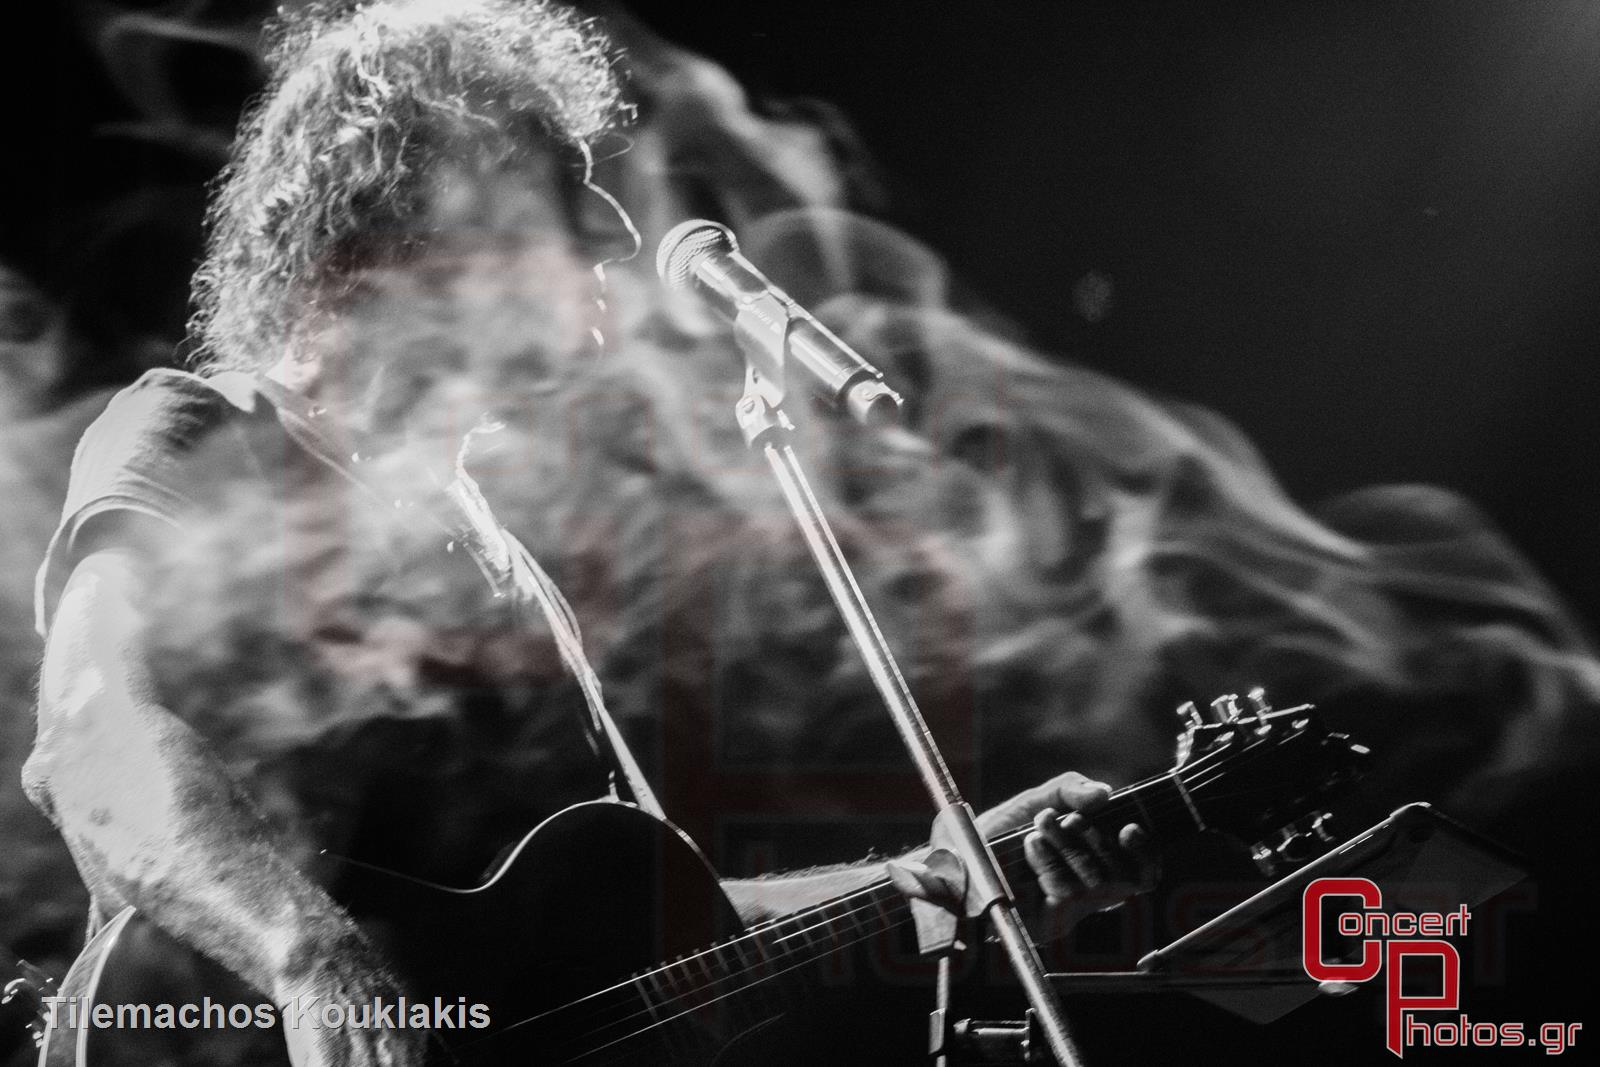 Βασίλης Παπακωνσταντίνου - 40 Χρόνια Έφηβος-Vasilis Papakonstantinou 40 Chronia Efivos photographer: Tilemachos Kouklakis - concertphotos_-4532